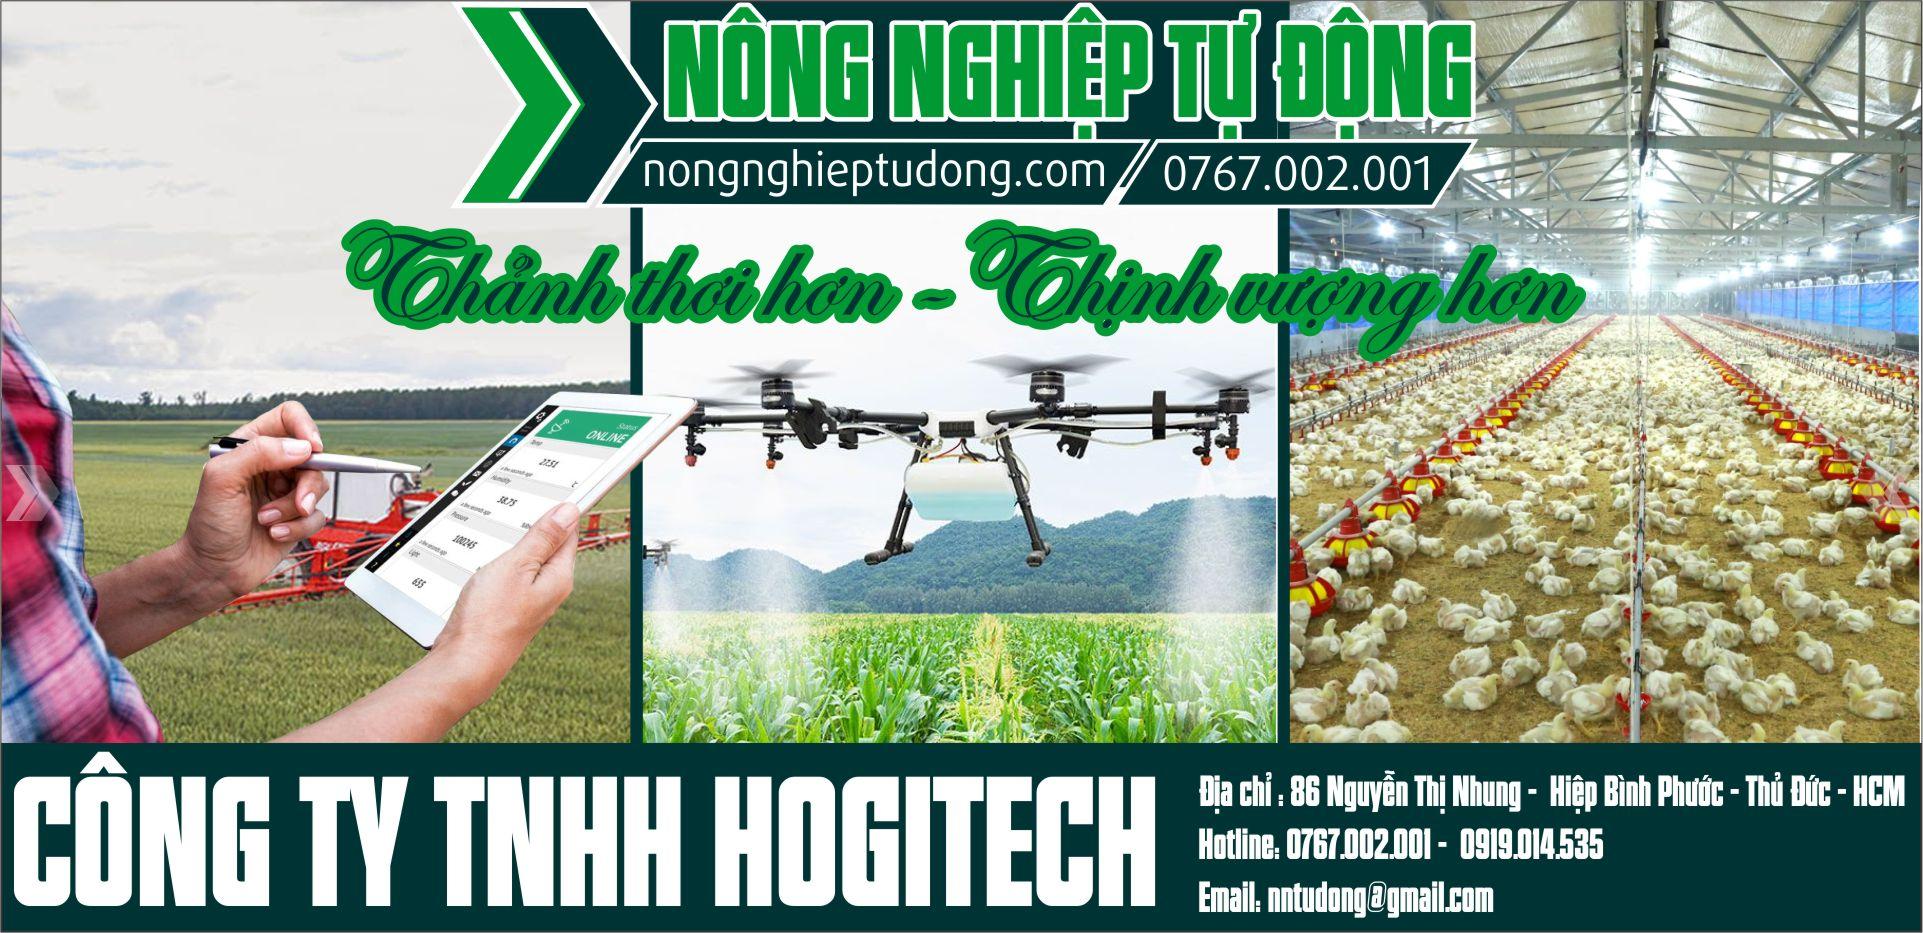 tự động hóa nông nghiệp hogitech